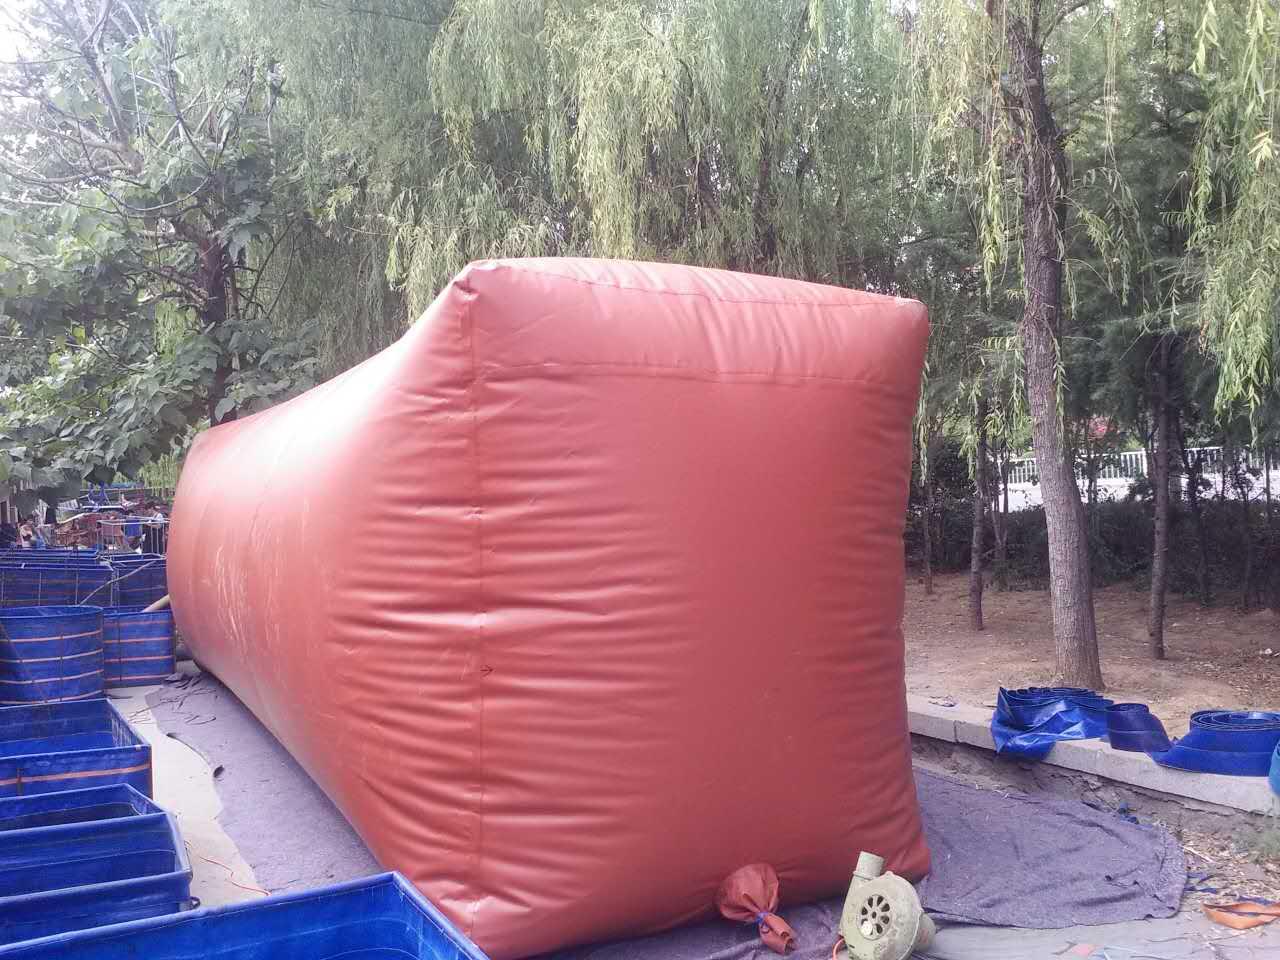 Красный Грязевой биогазовый бассейн ферма ферментационный резервуар биогазовое оборудование ферма биогаз проект бытовая биогазовая сумка